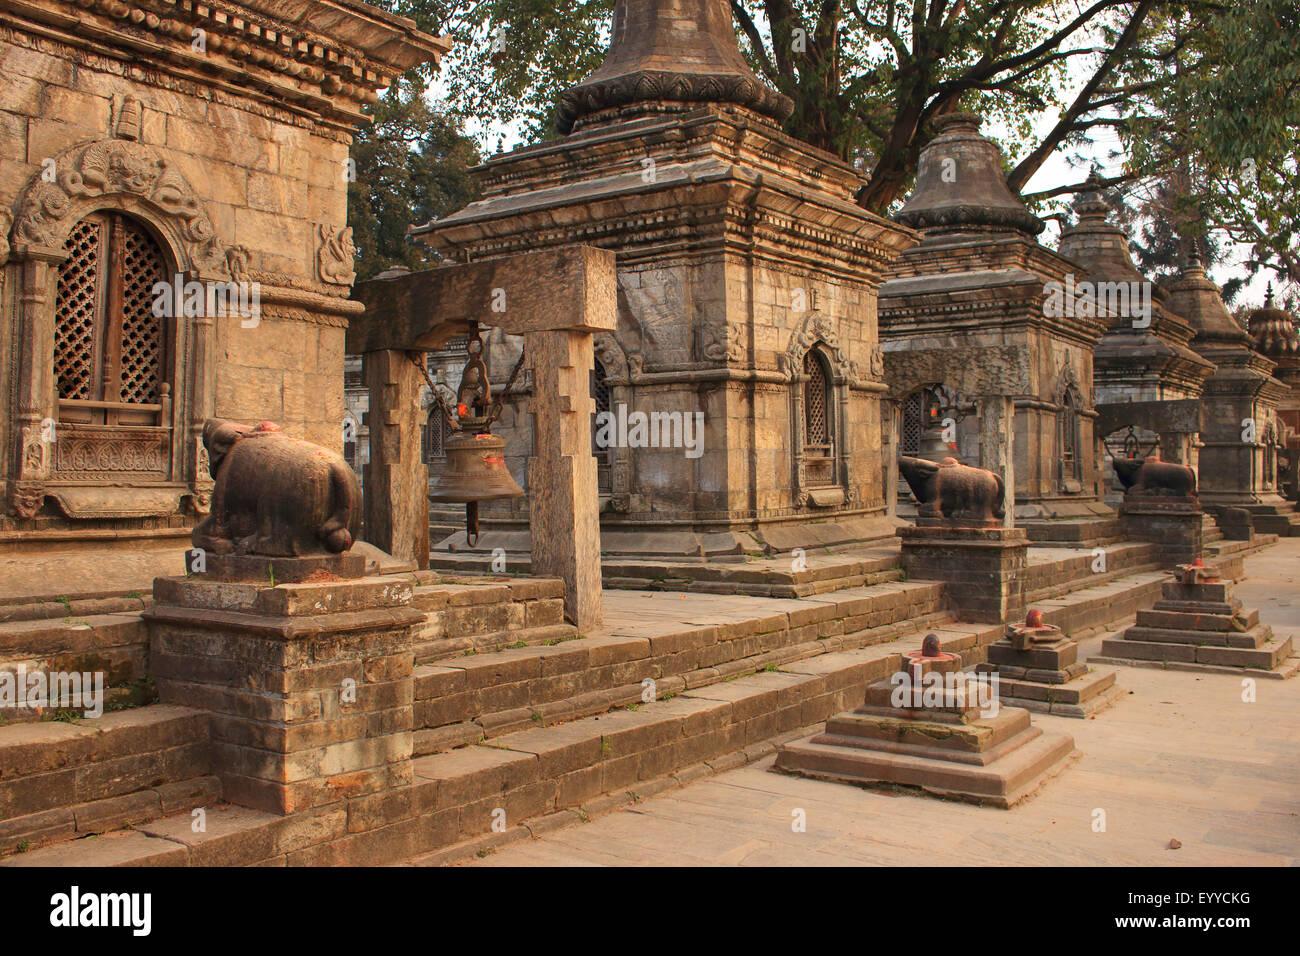 pashupatinath temple free - photo #19